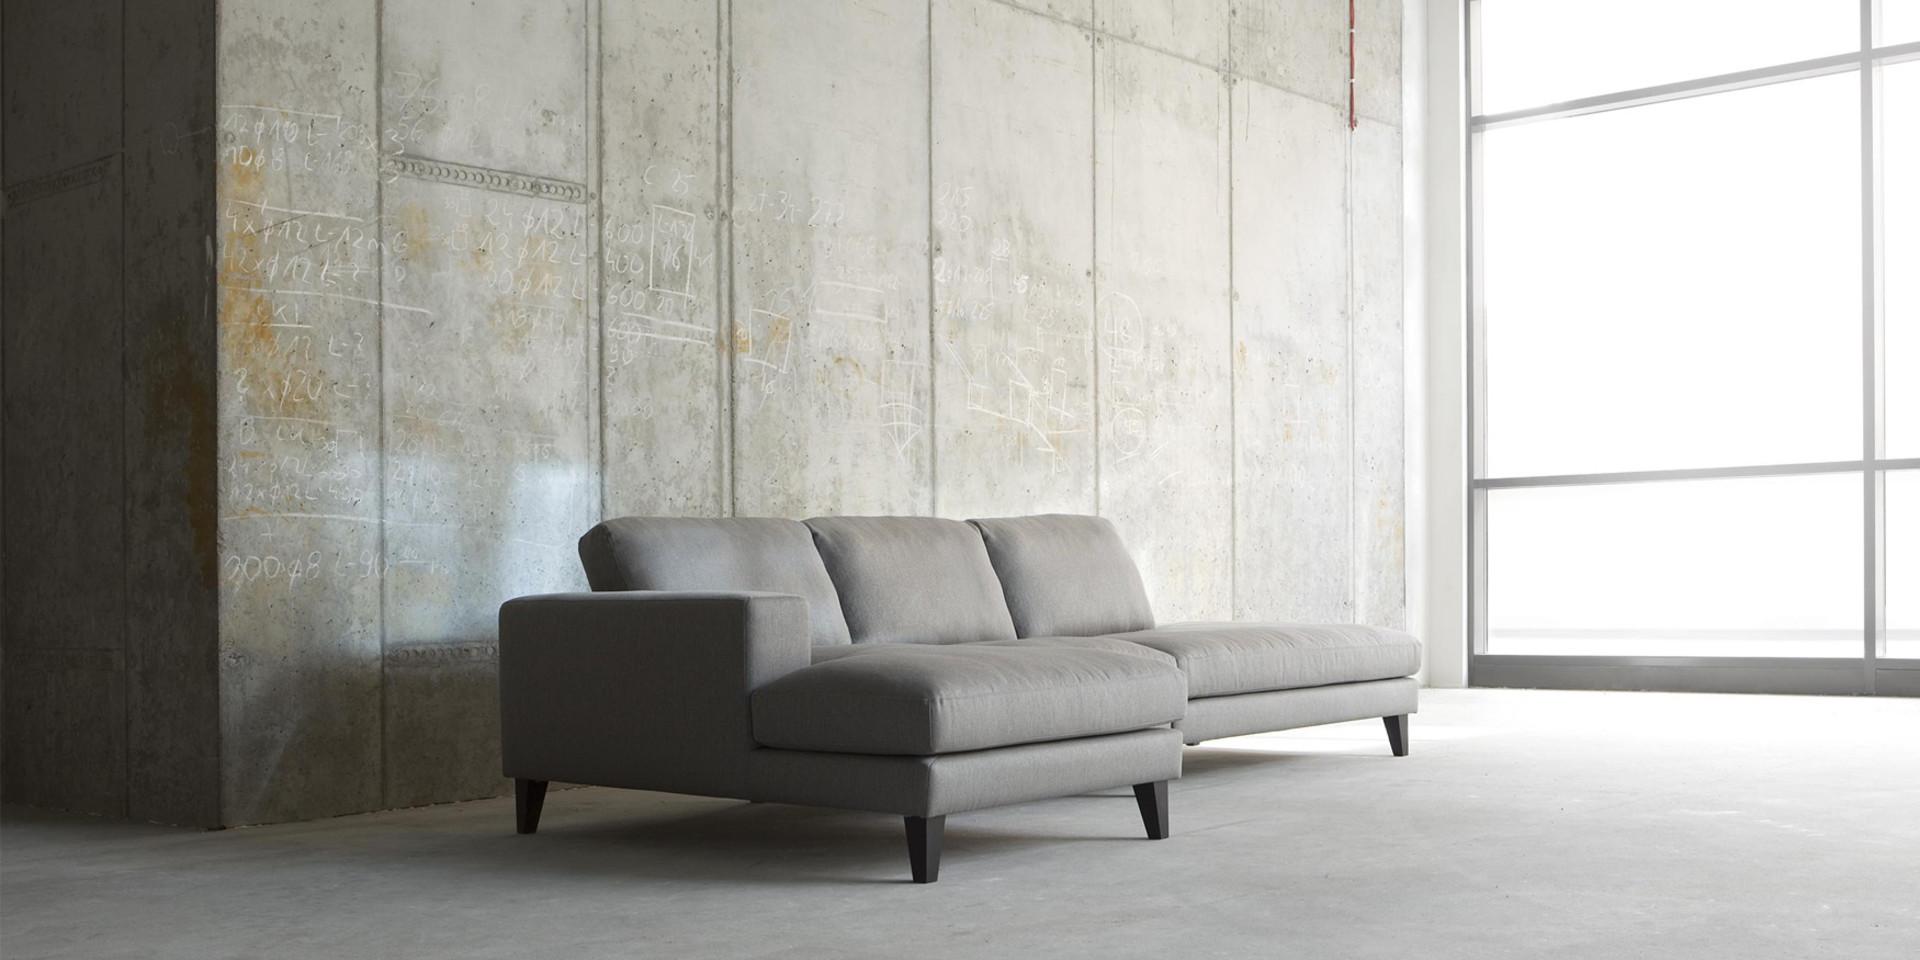 PASSION_arrangement_chaiselongue71left_armchair71_benchright_brallo4_grey_6